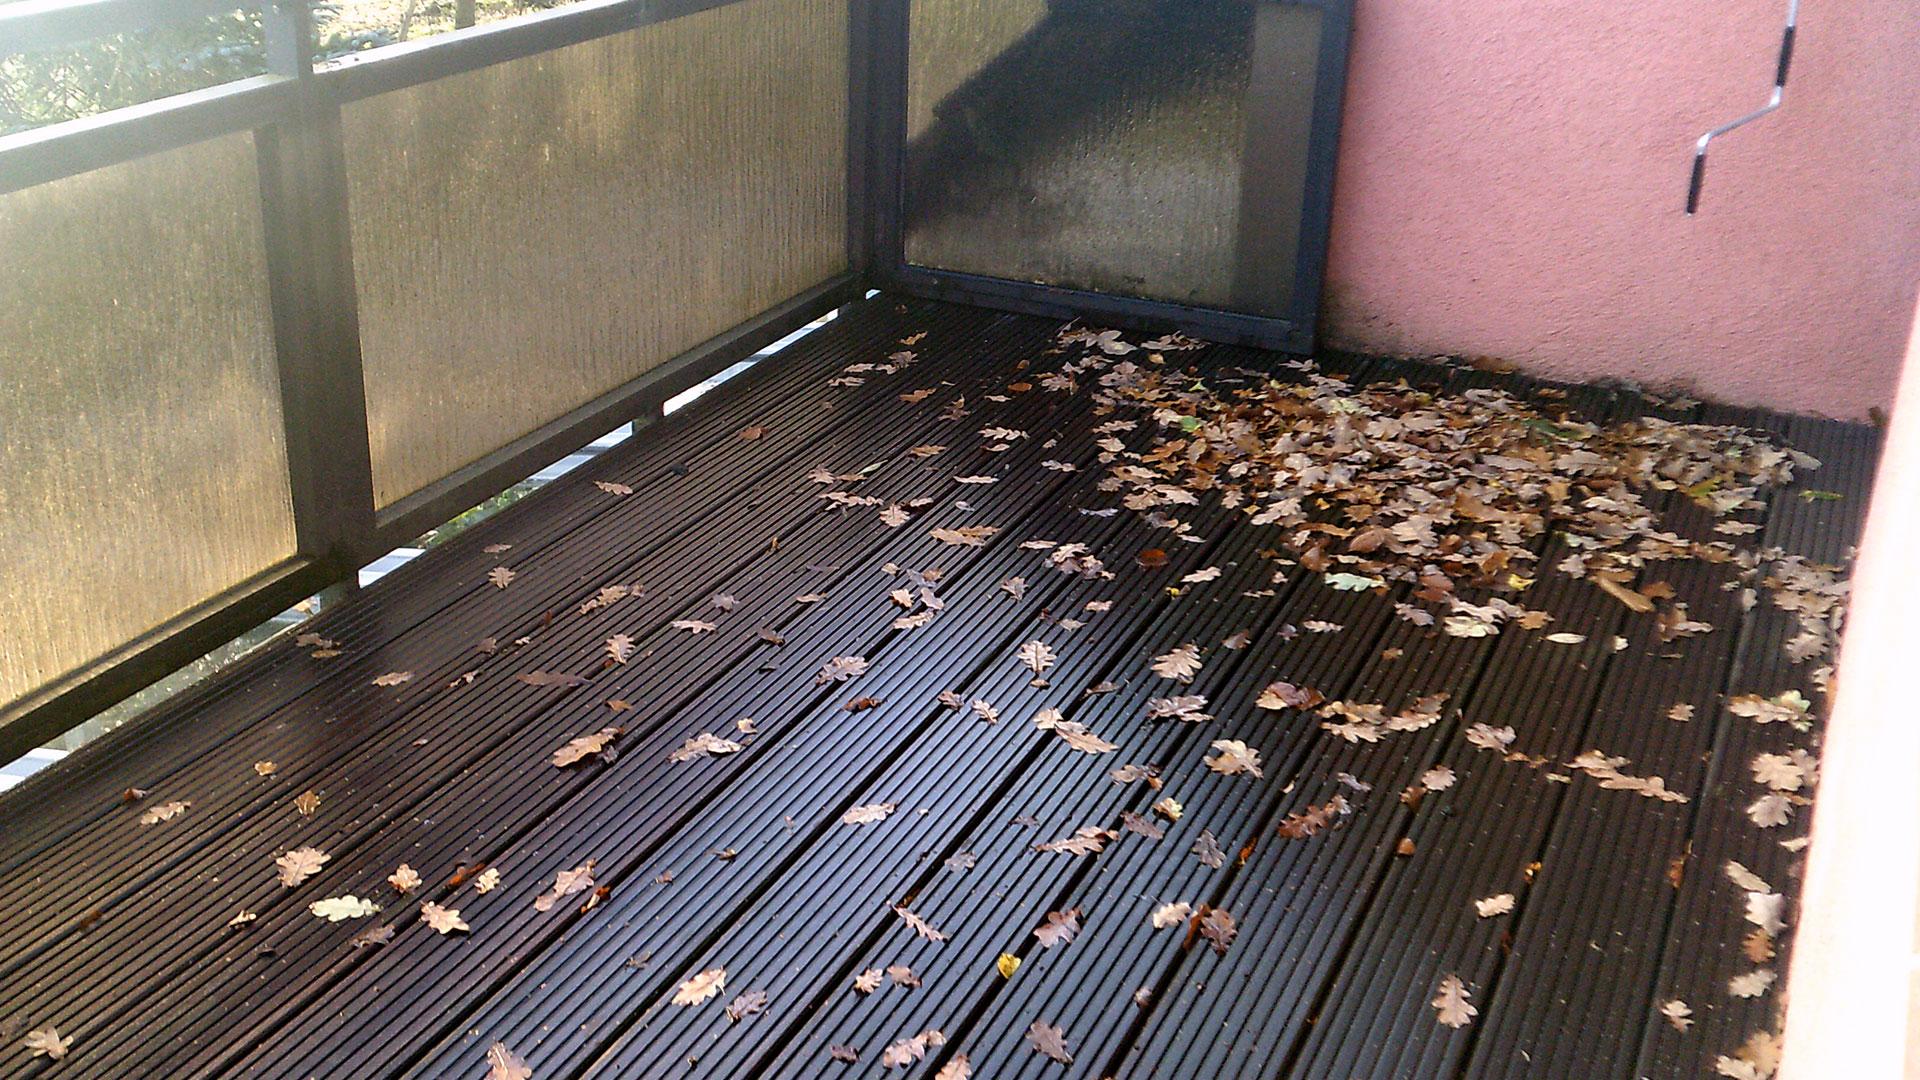 Balkon vor Sanierung: Laub und Holzboden 1920x1080px | Dachdeckerei Spalek OHZ